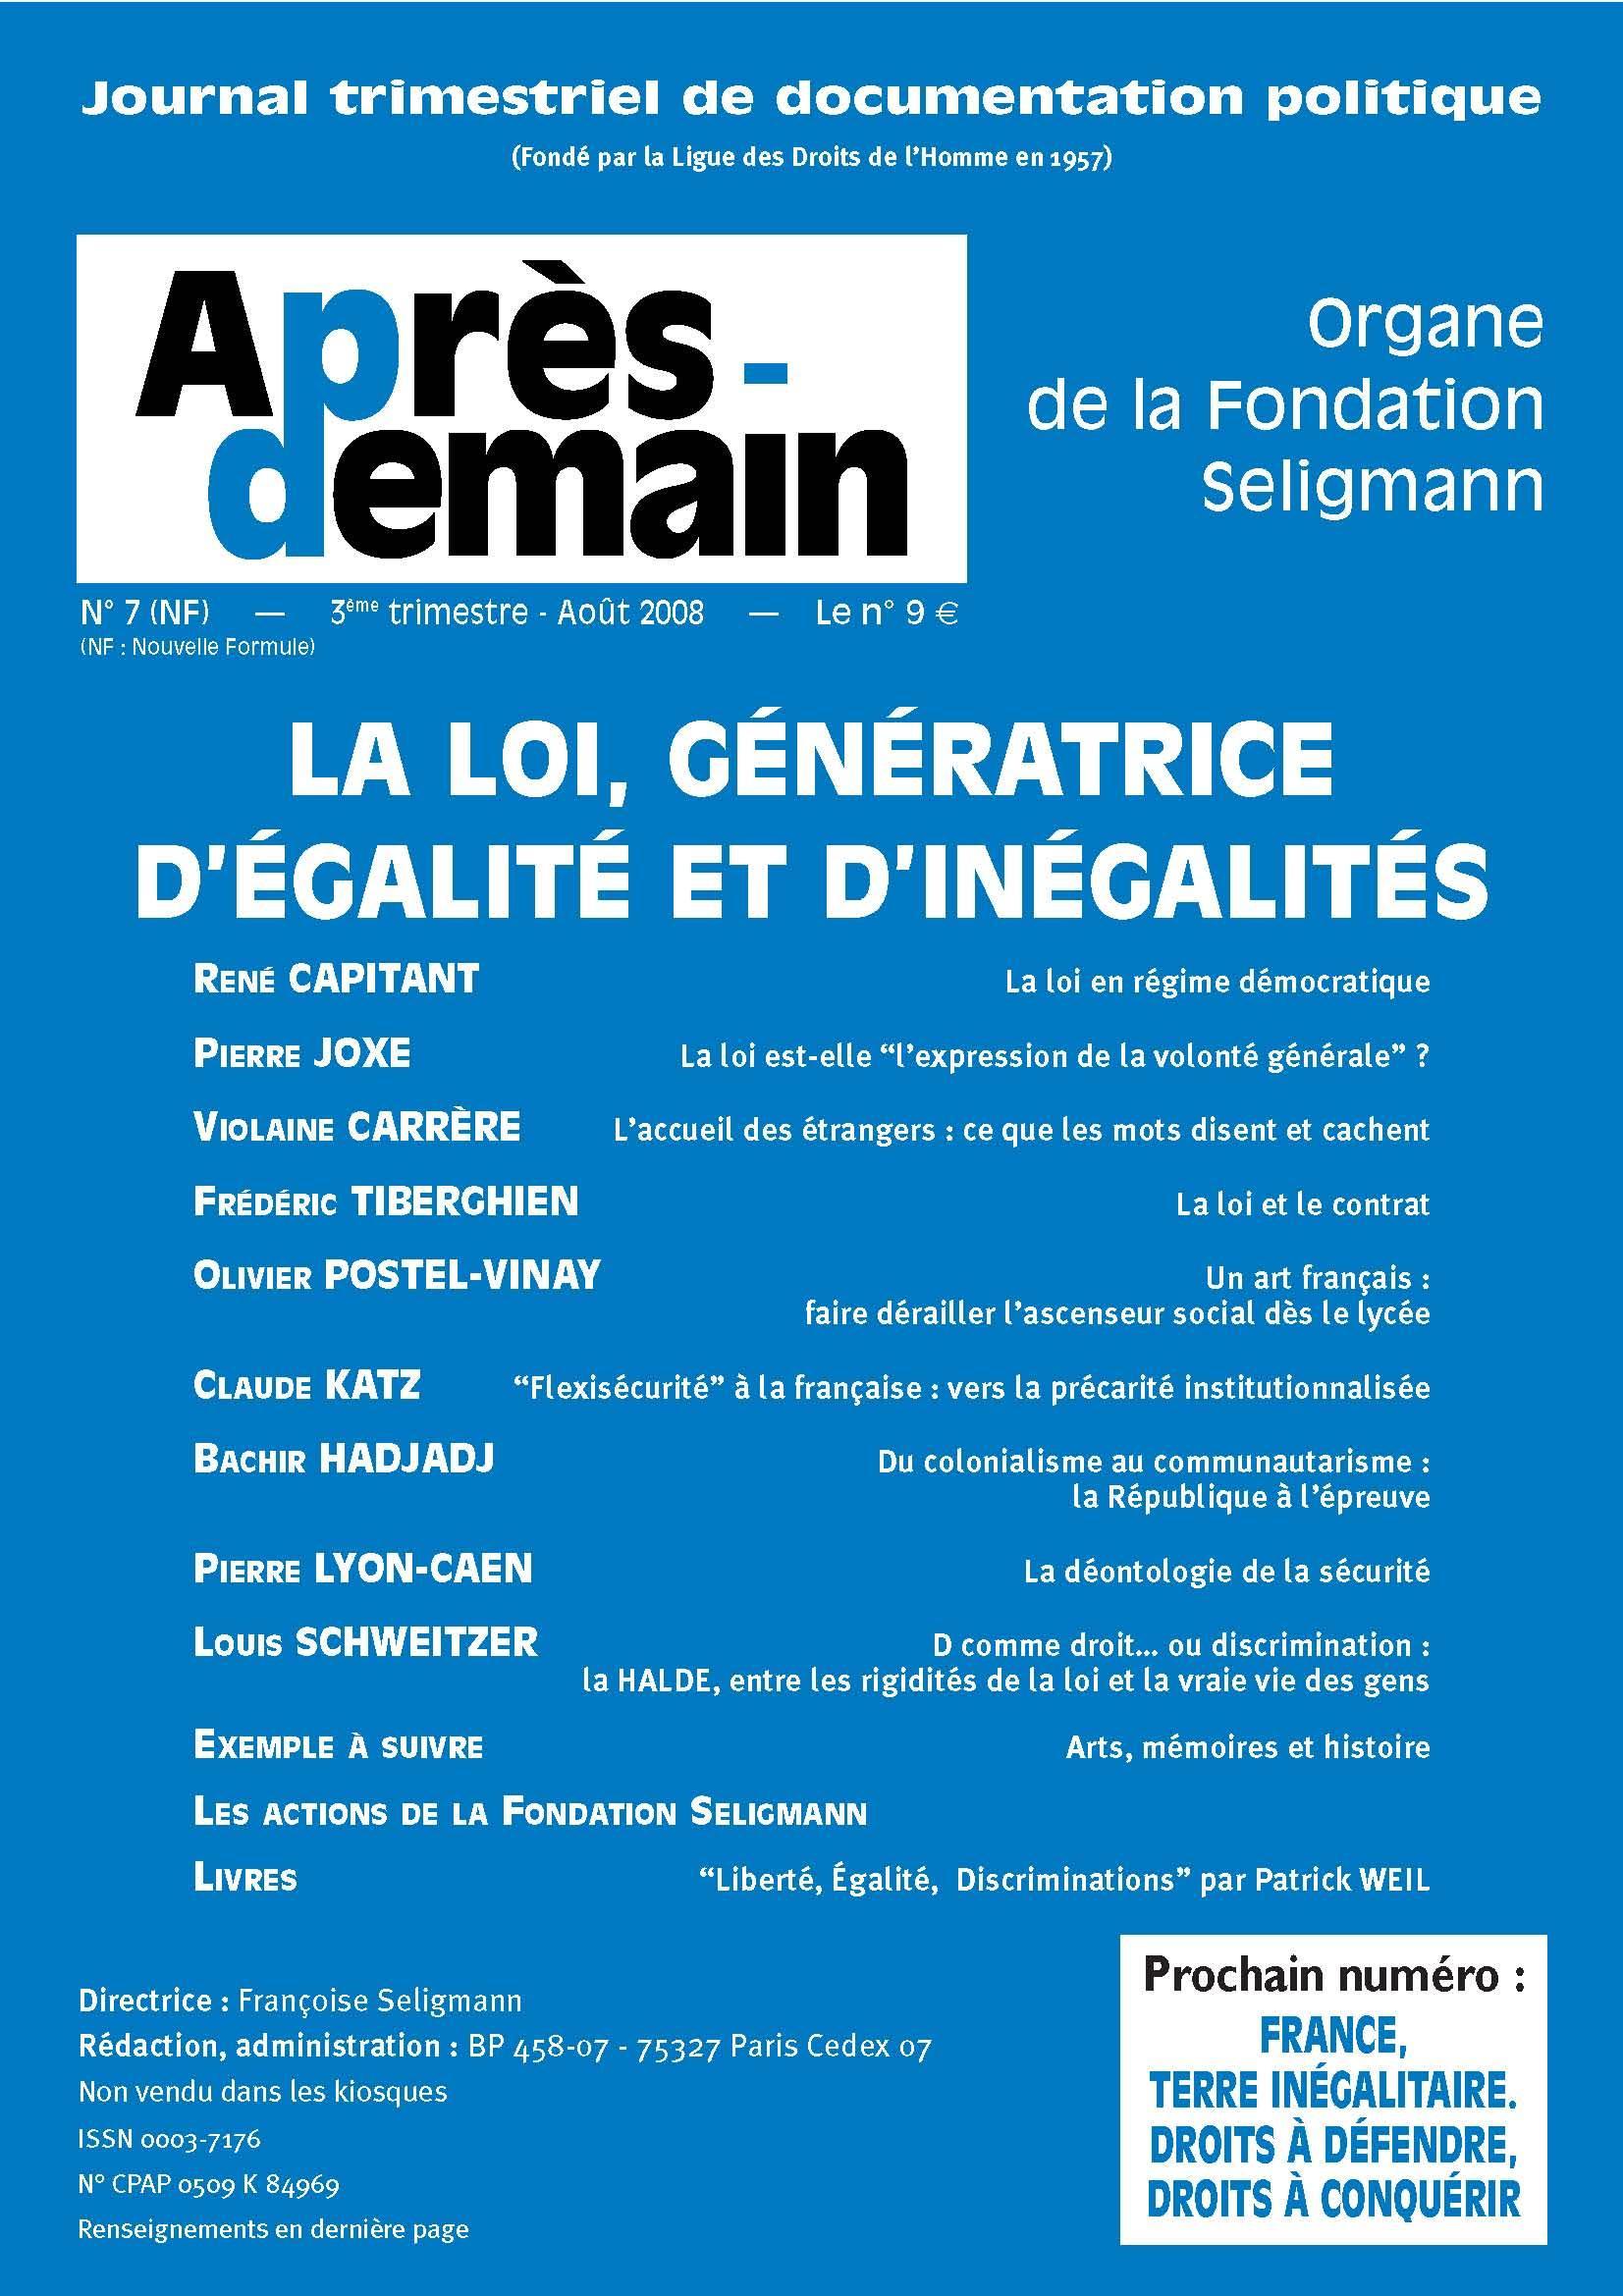 EDS: Droit - École de Droit de la Sorbonne (EDS)